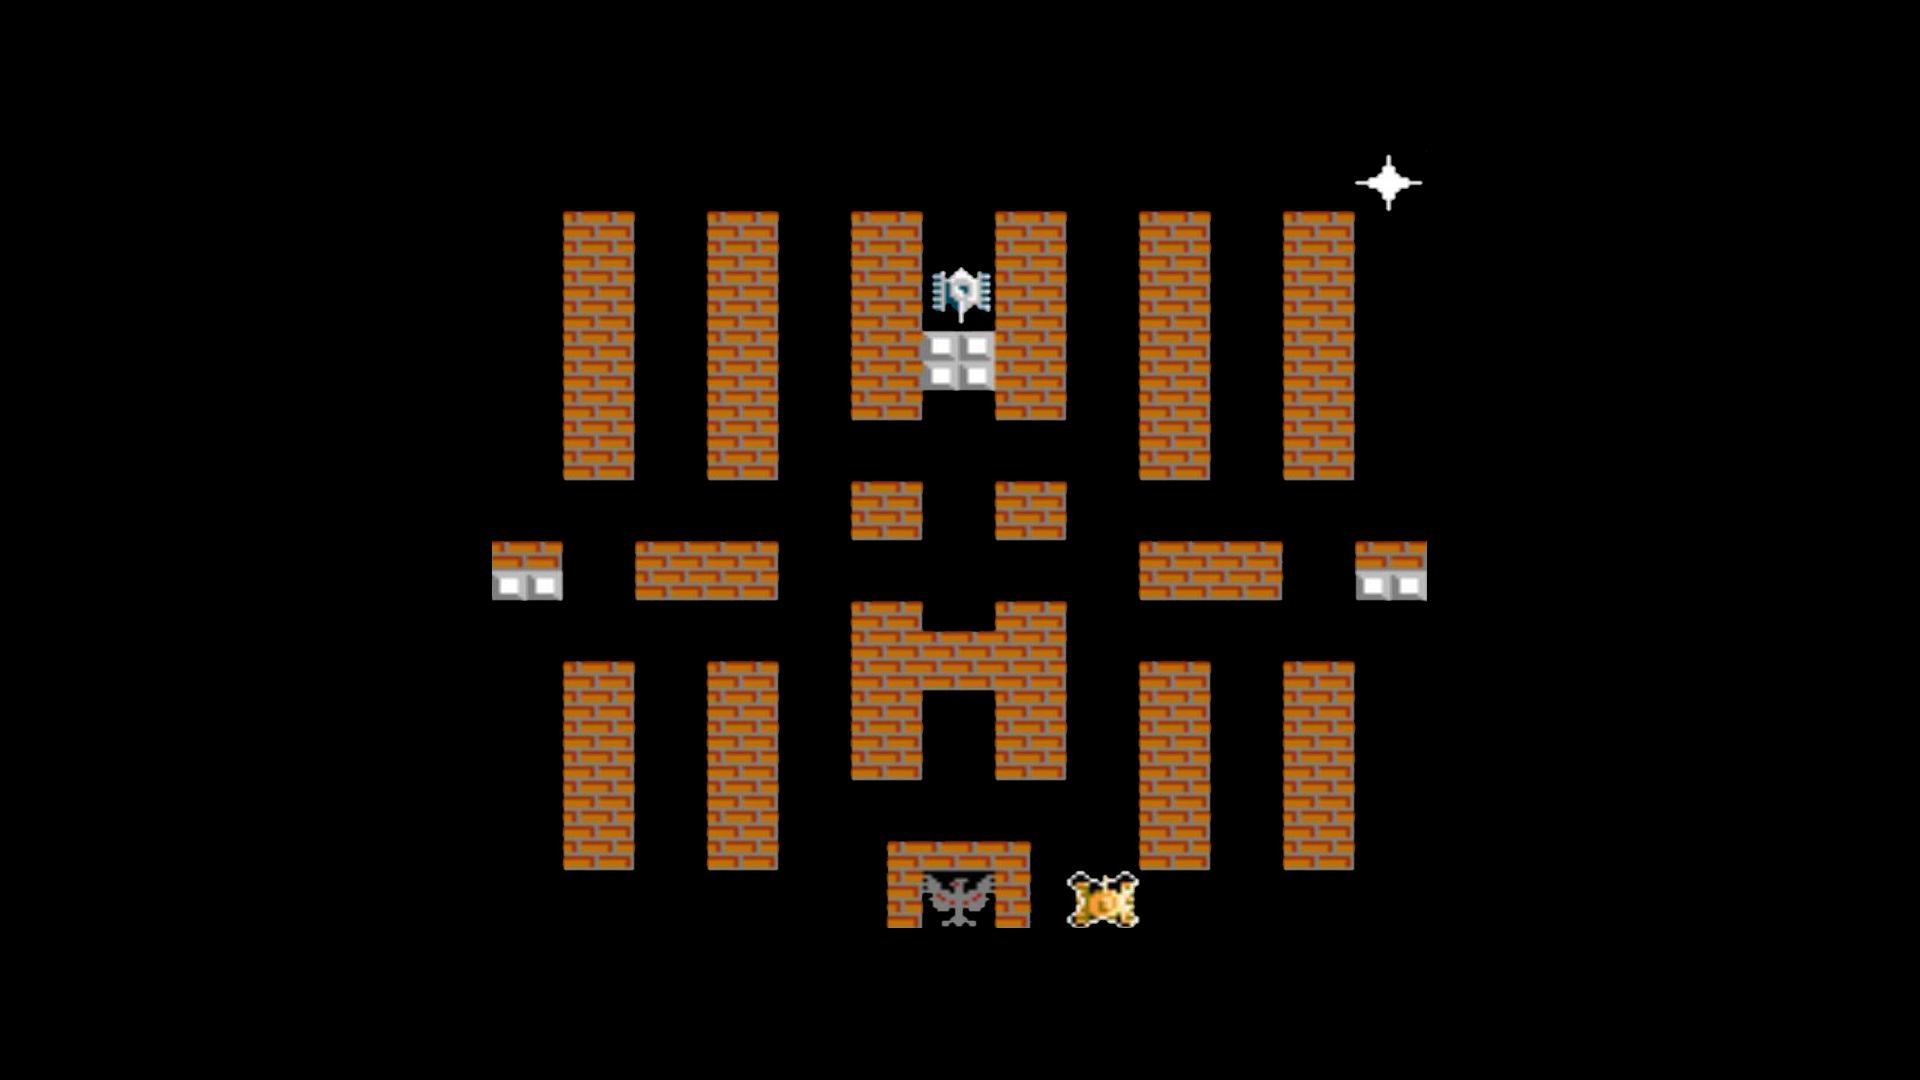 скачать симулятор кошки онлайн через торрент